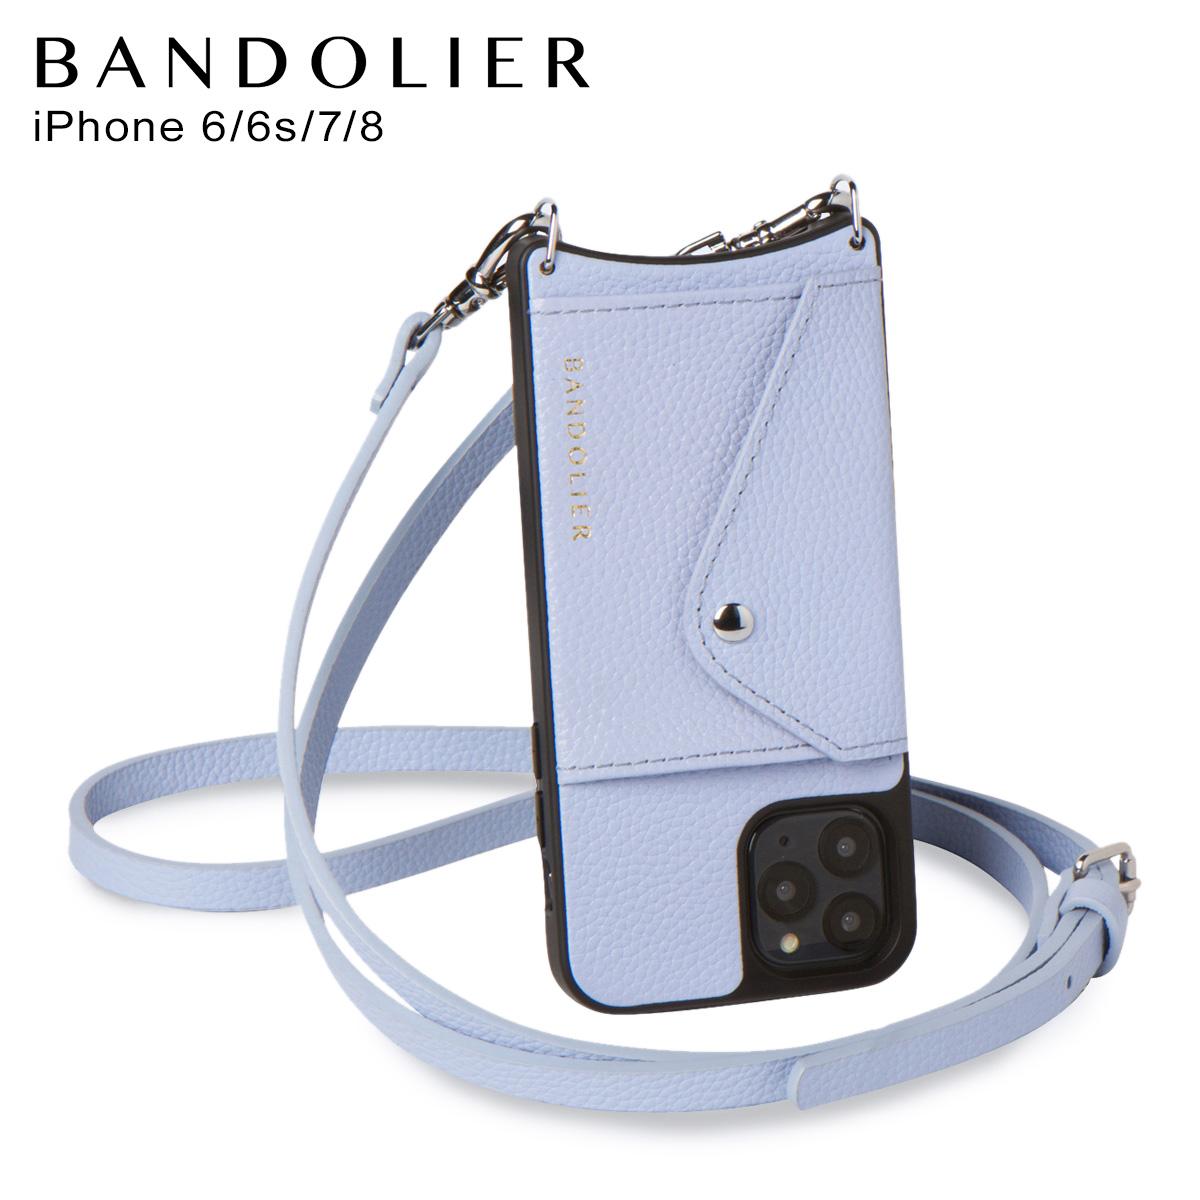 バンドリヤー BANDOLIER iPhone8 SE iPhone 7 6s ケース スマホ 携帯 ショルダー アイフォン ドナー メンズ レディース DONNA ブルー 14DON [4/13 新入荷]